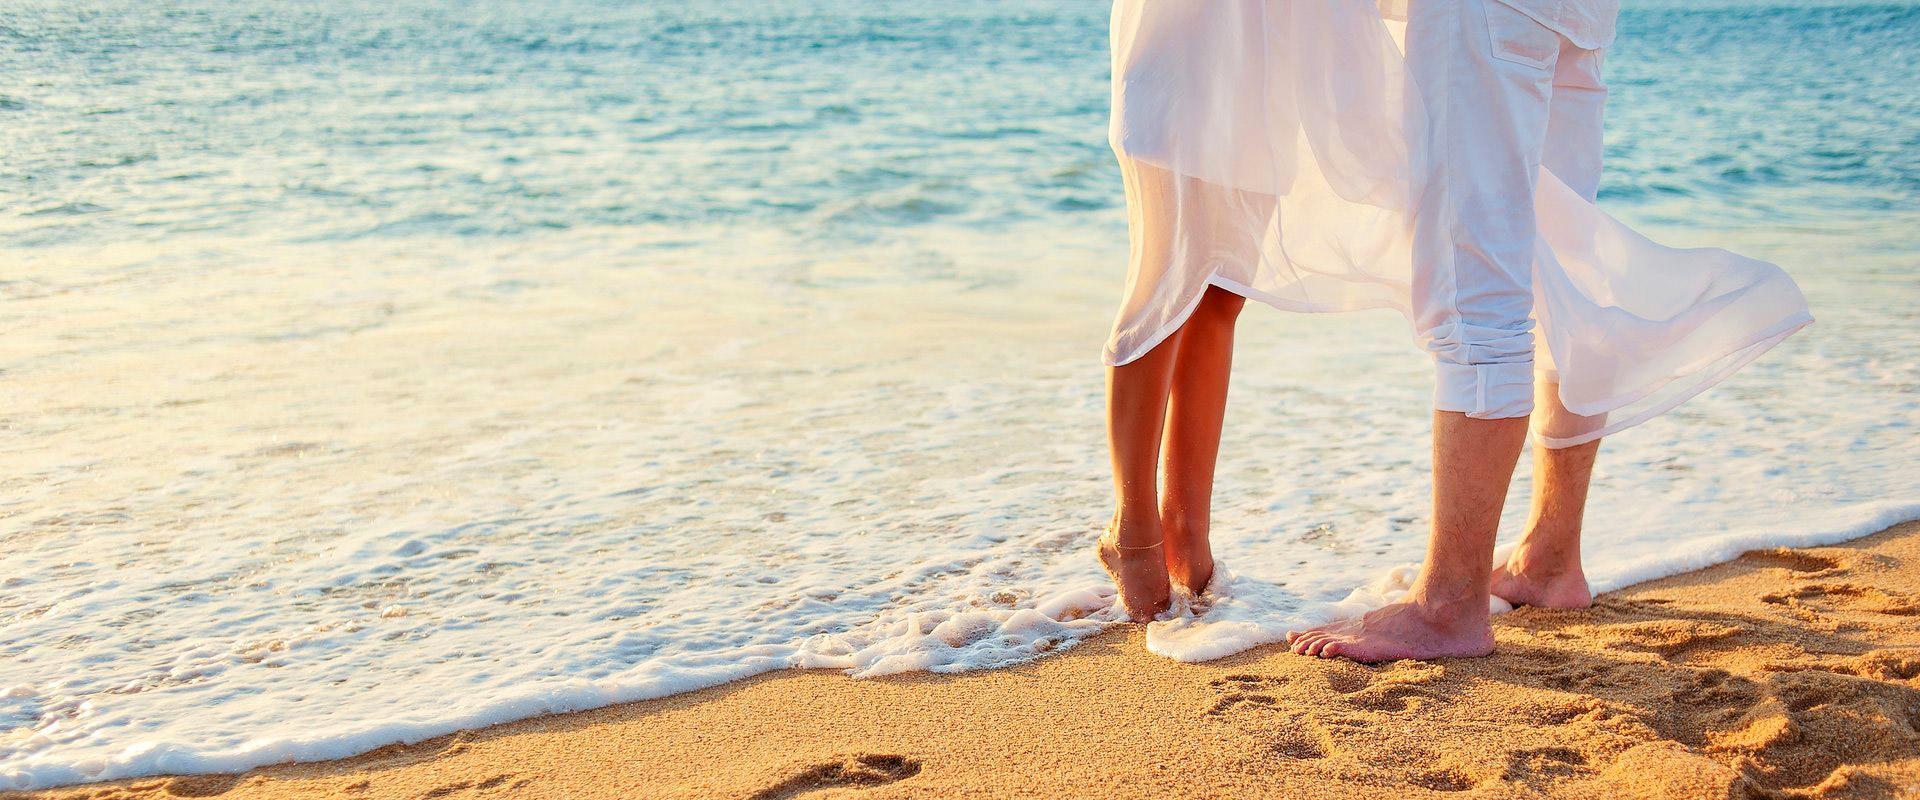 Spiaggia – Sez spiaggia